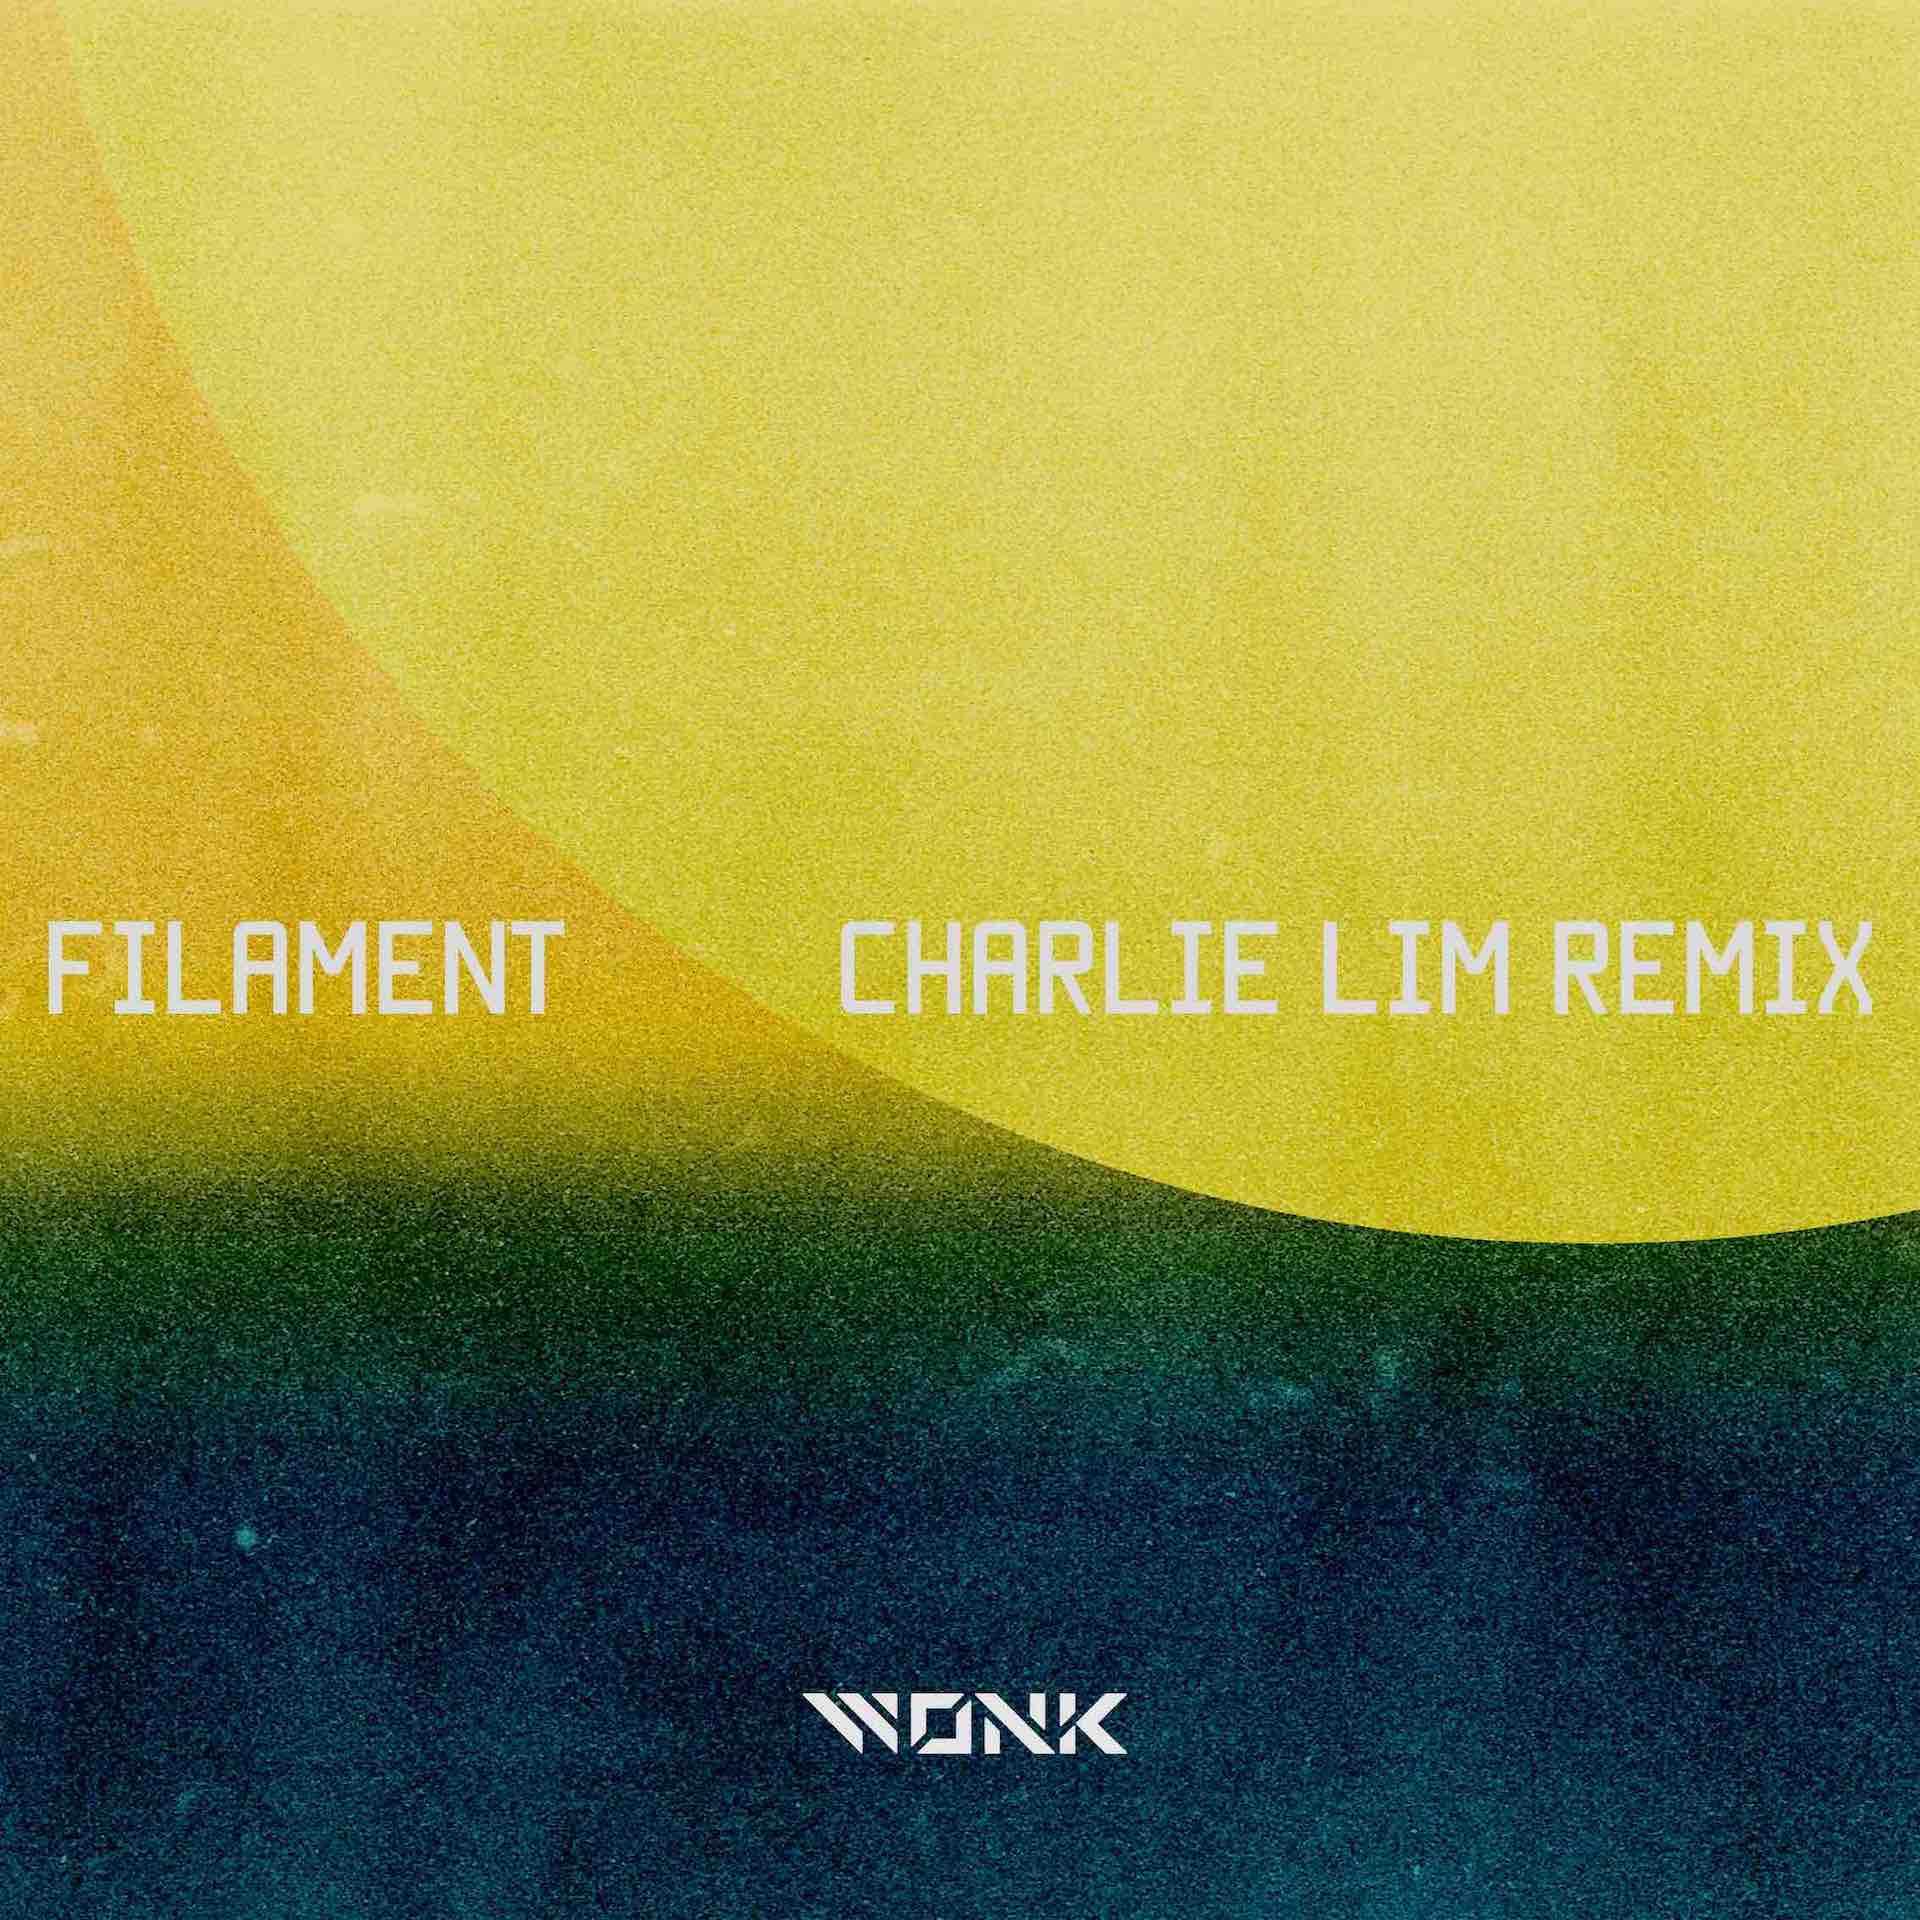 """WONK『EYES』リミックスシリーズ第4弾""""Filament - Charlie Lim Remix""""が本日リリース!どんぐりずとの2マンも music210721_wonk_charlielim_3"""